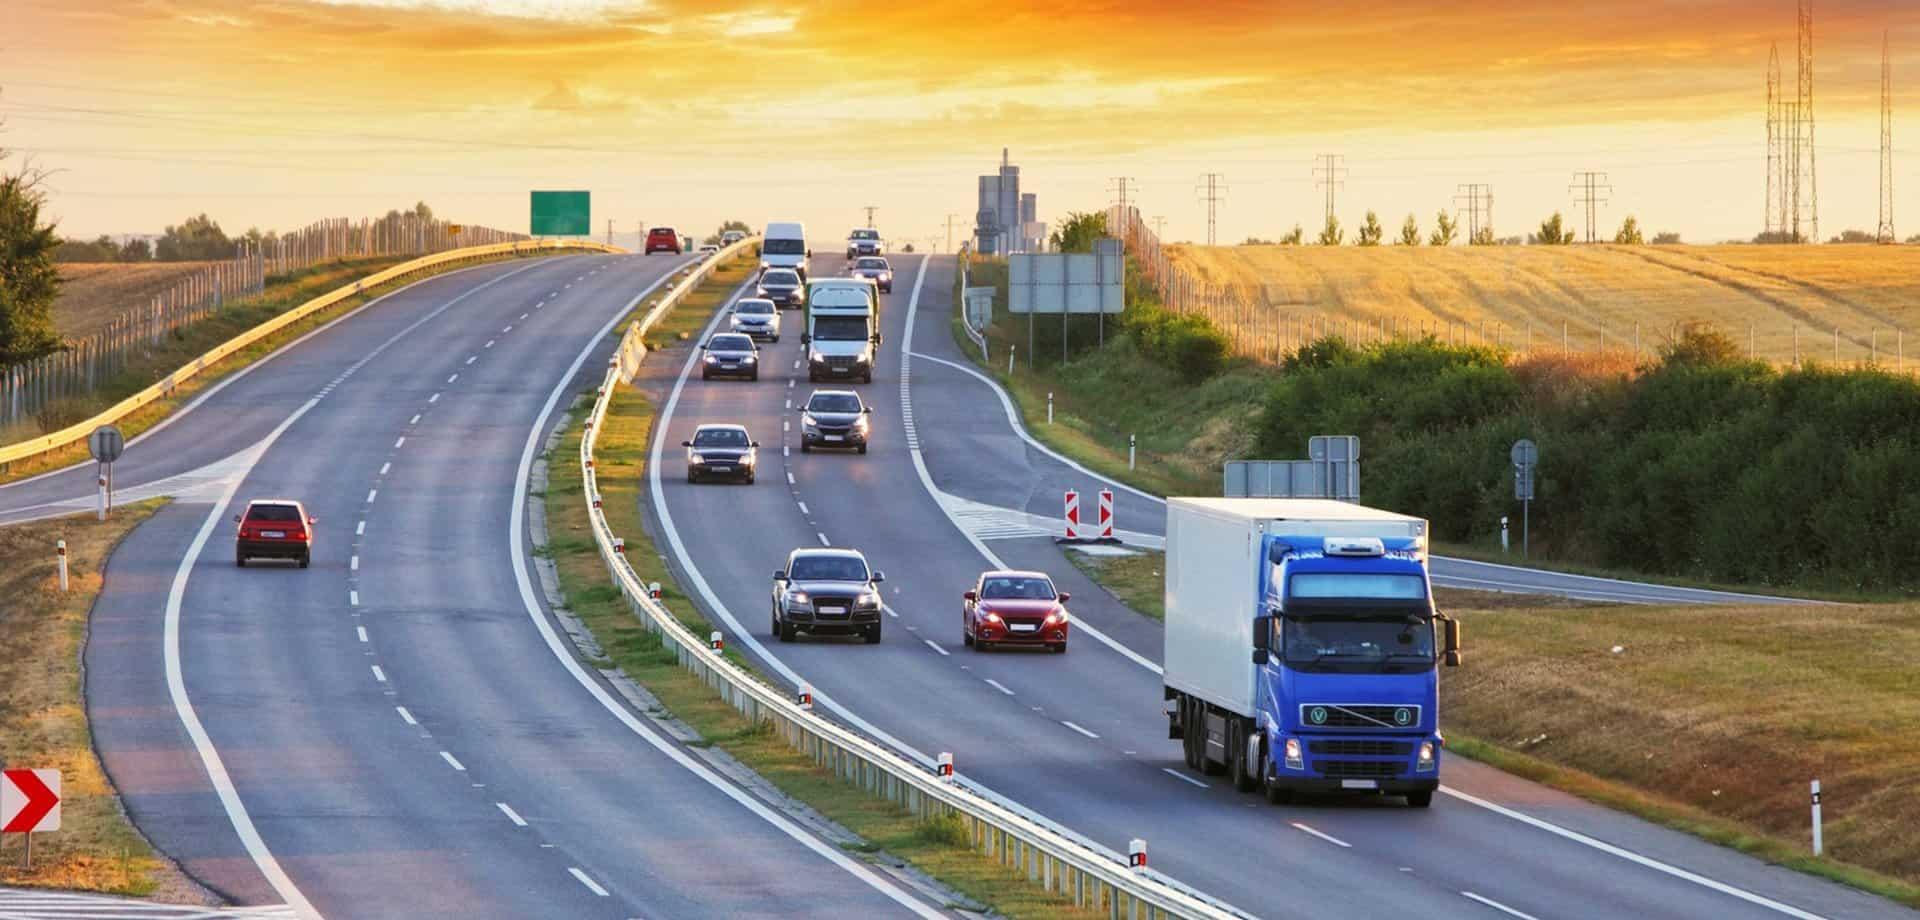 Szeroka sieć kontaktówpozwala na magazynowanie i przeładunki towarów w wielu zakątkach Polski i Europy.